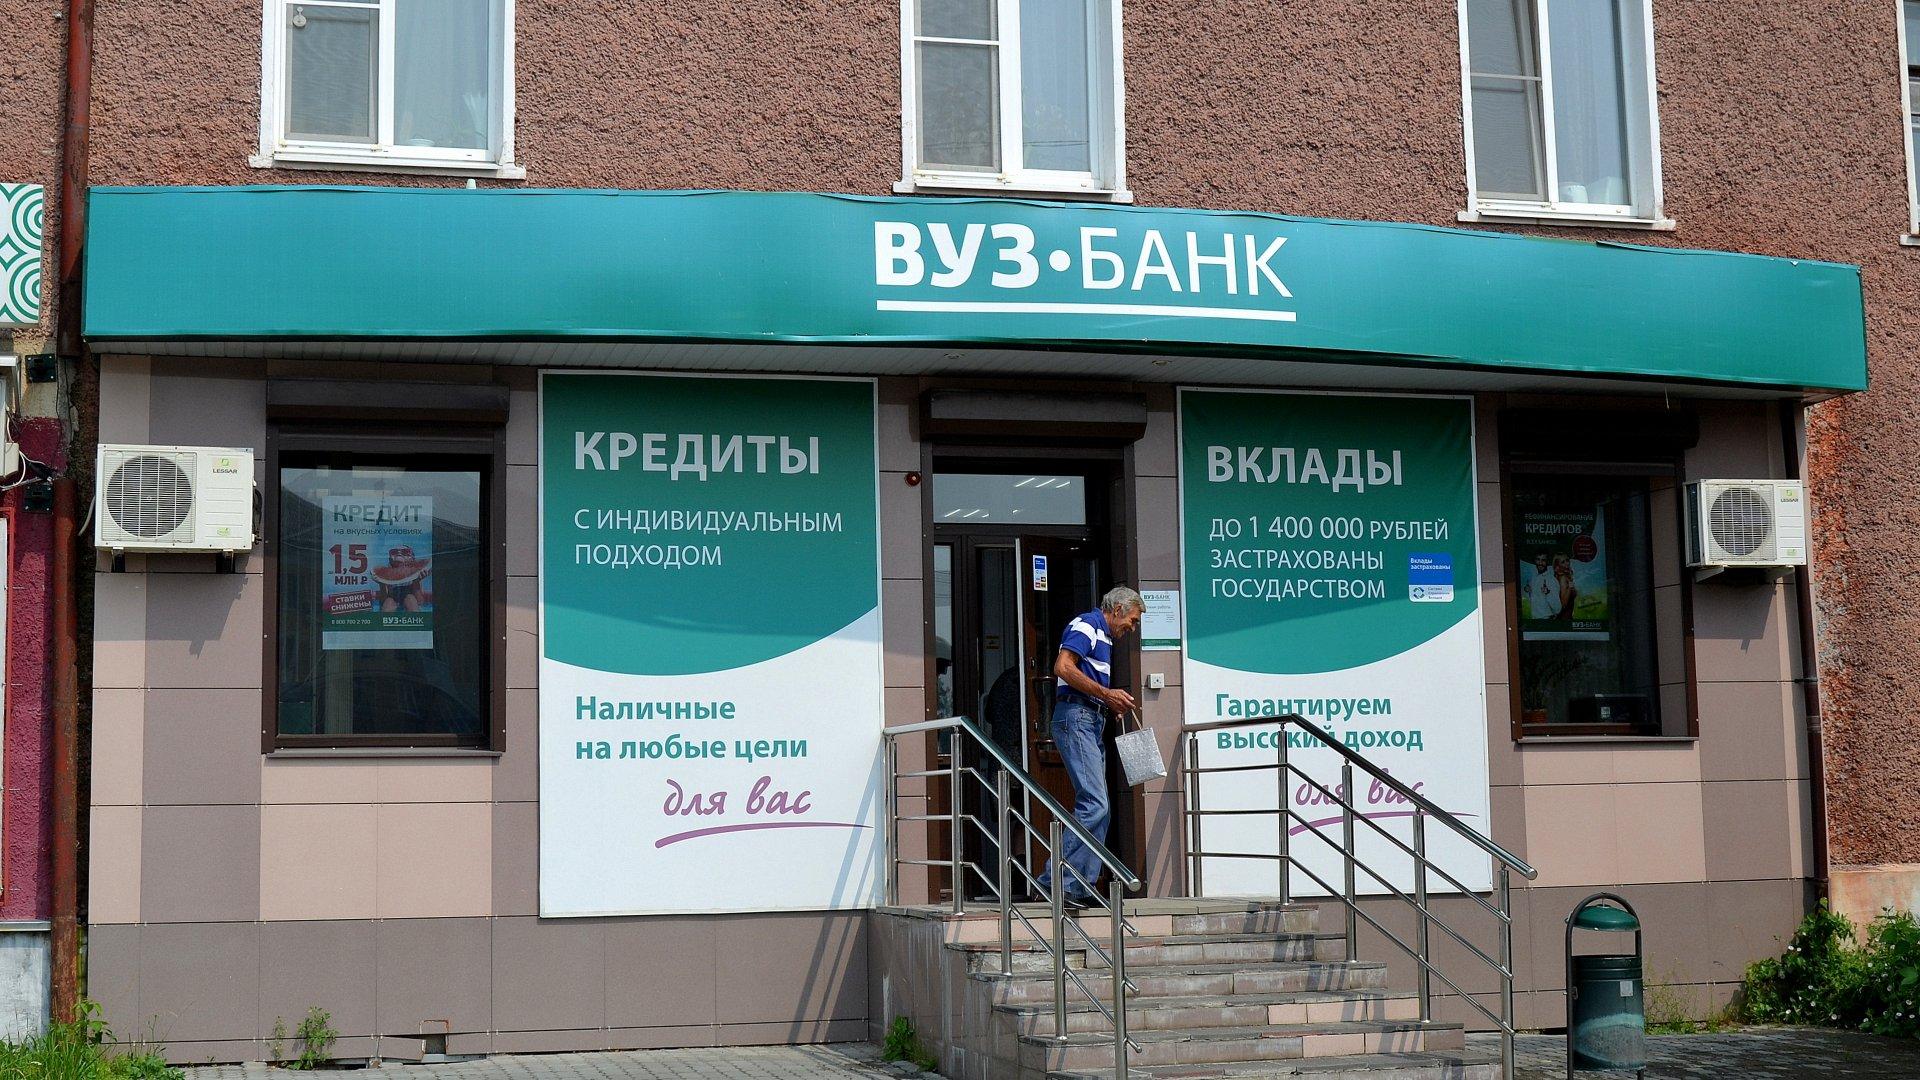 банковские займы в южно сахалинске